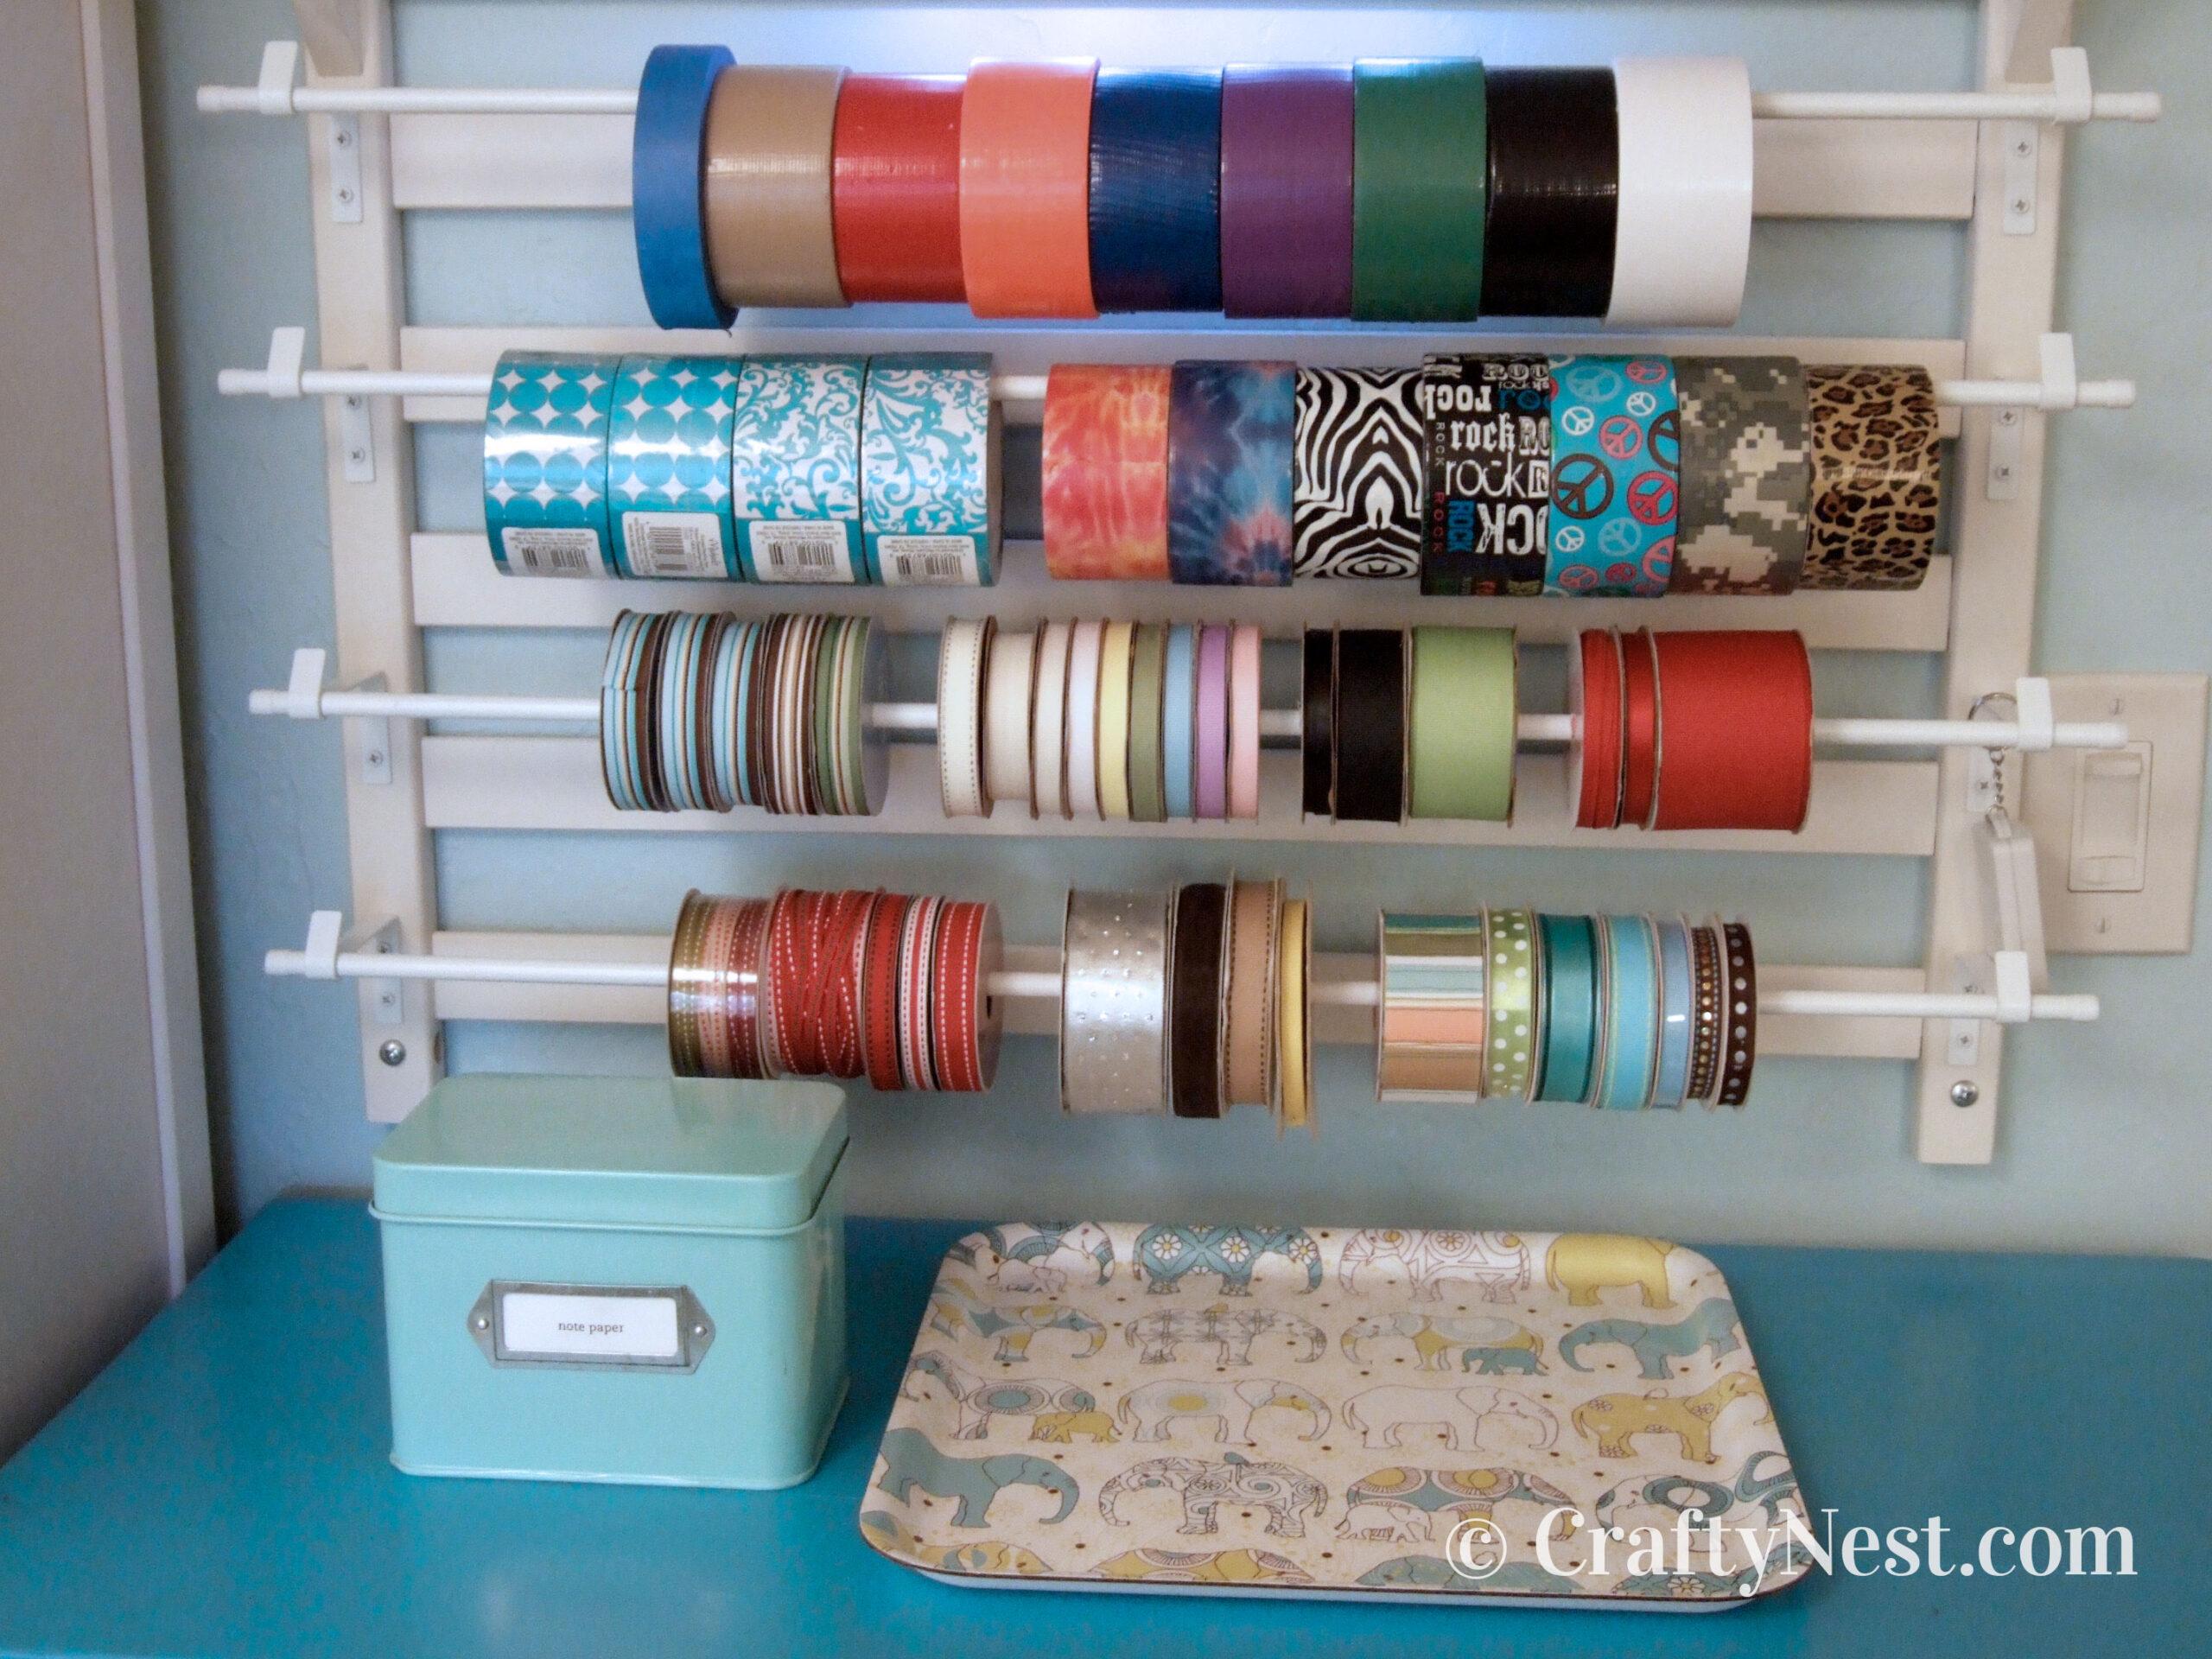 Craft tool rack closeup, photo